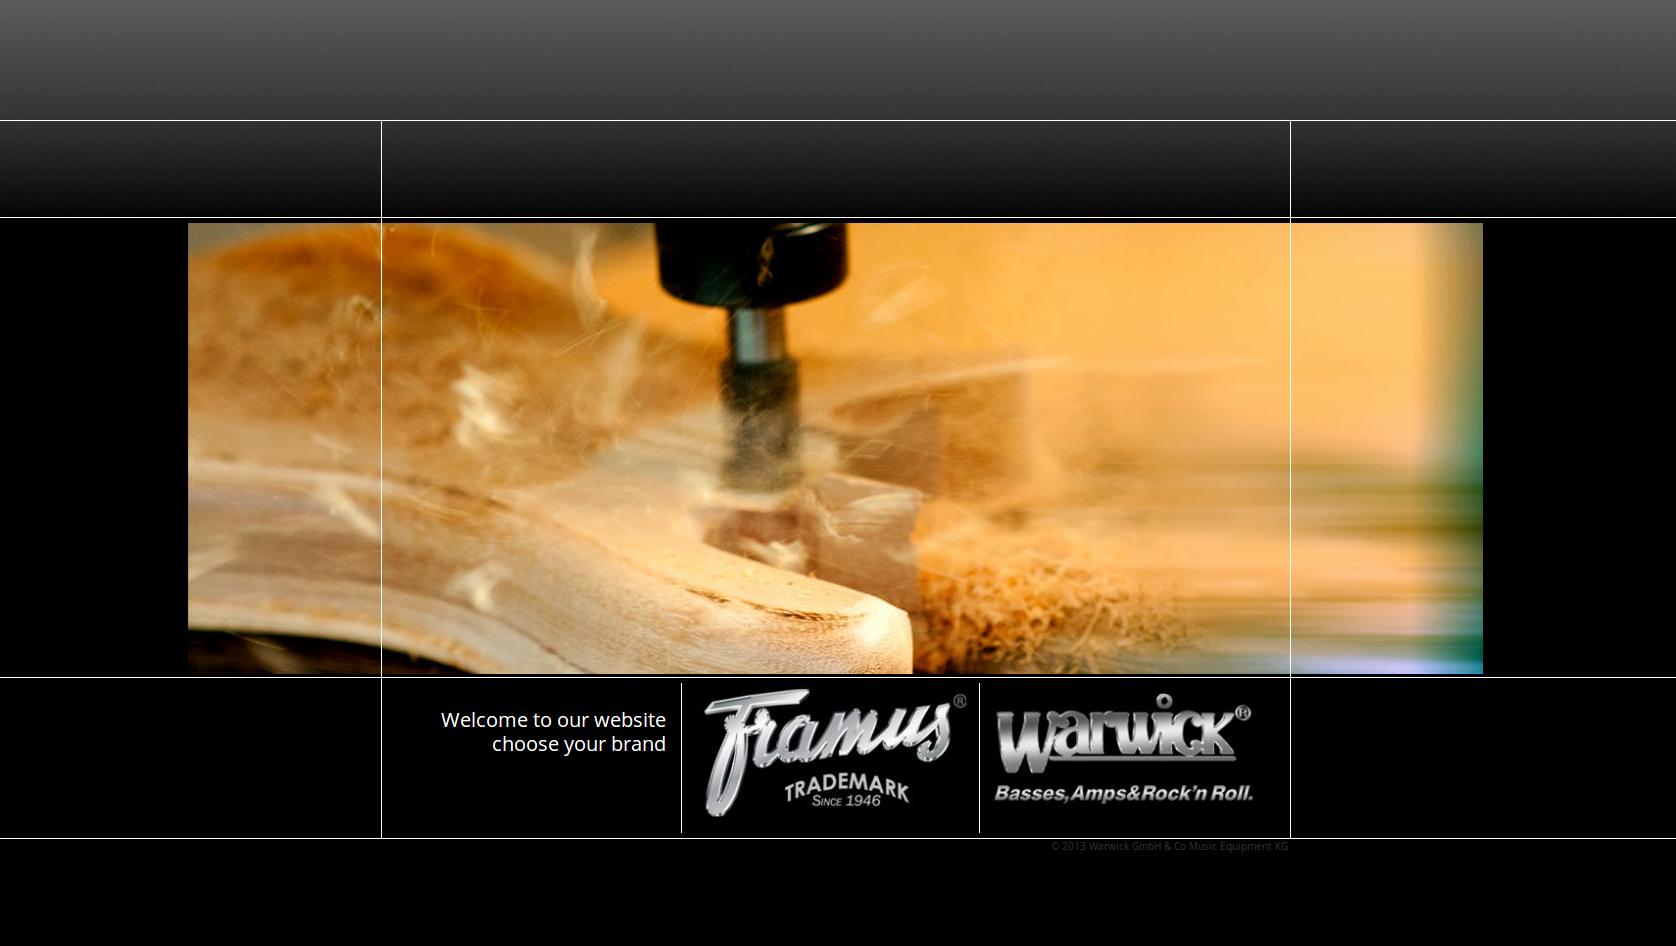 www.warwick.de